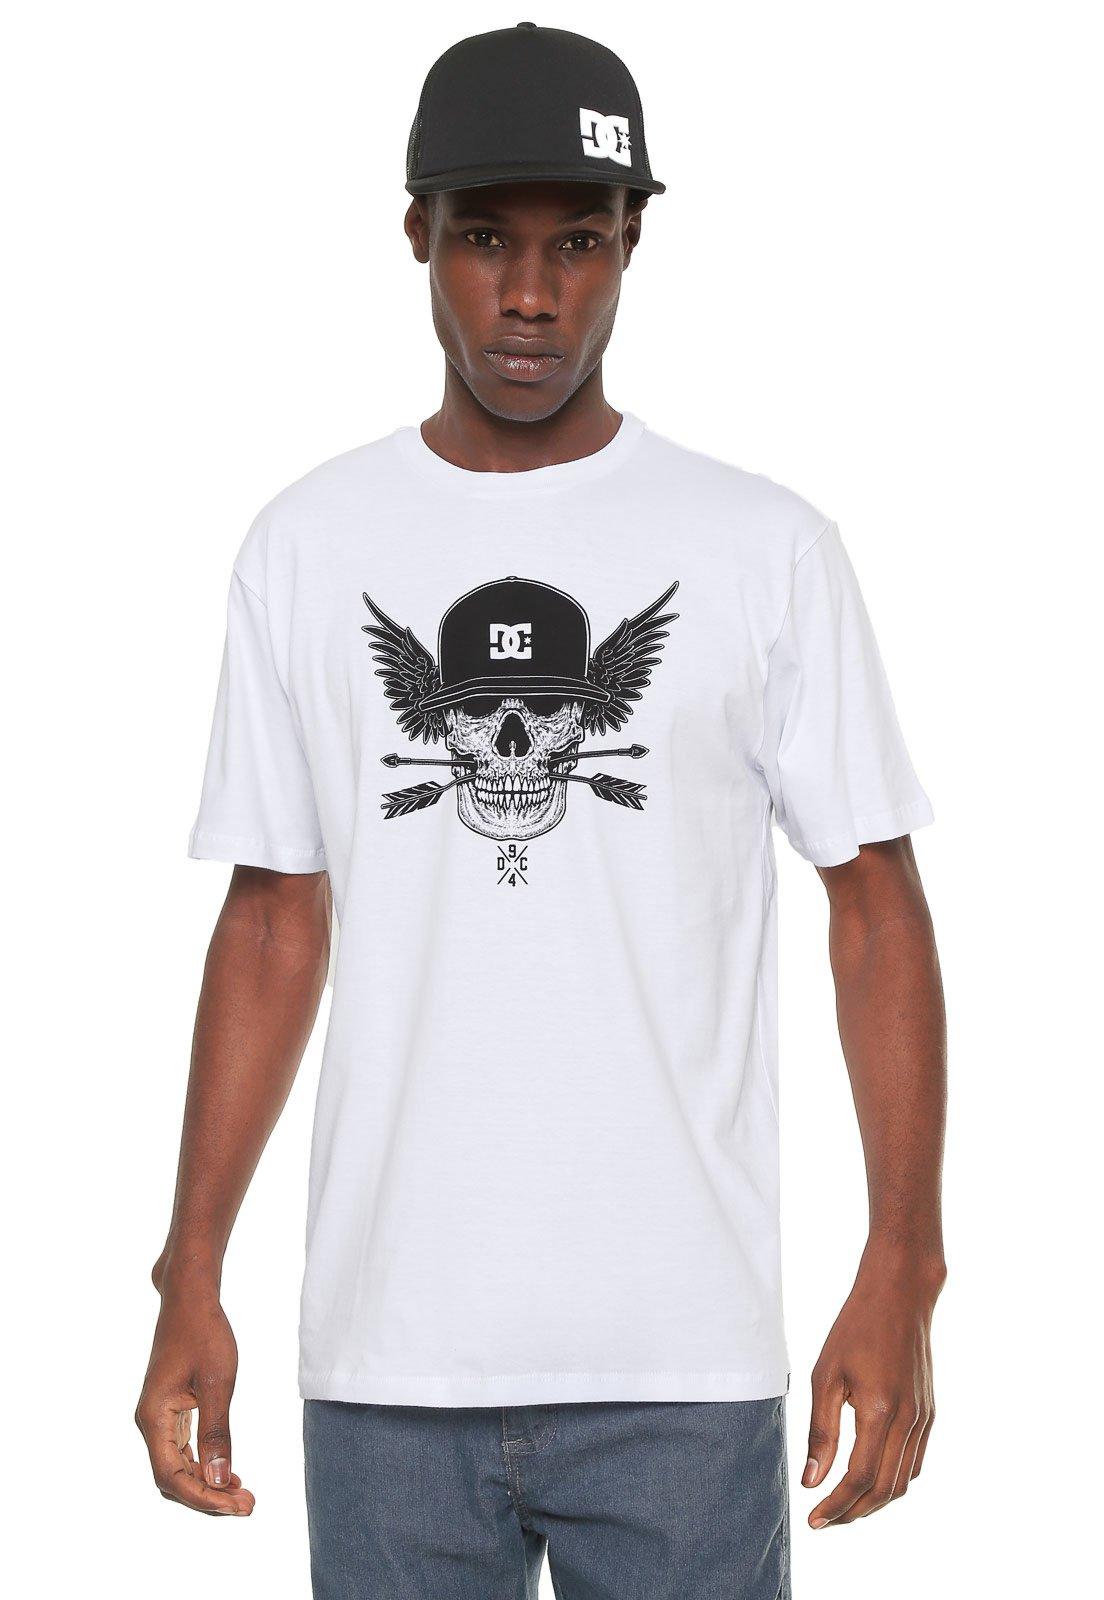 487babc730059 Camisetas top marcas  promo de respeito - Blog Kanui